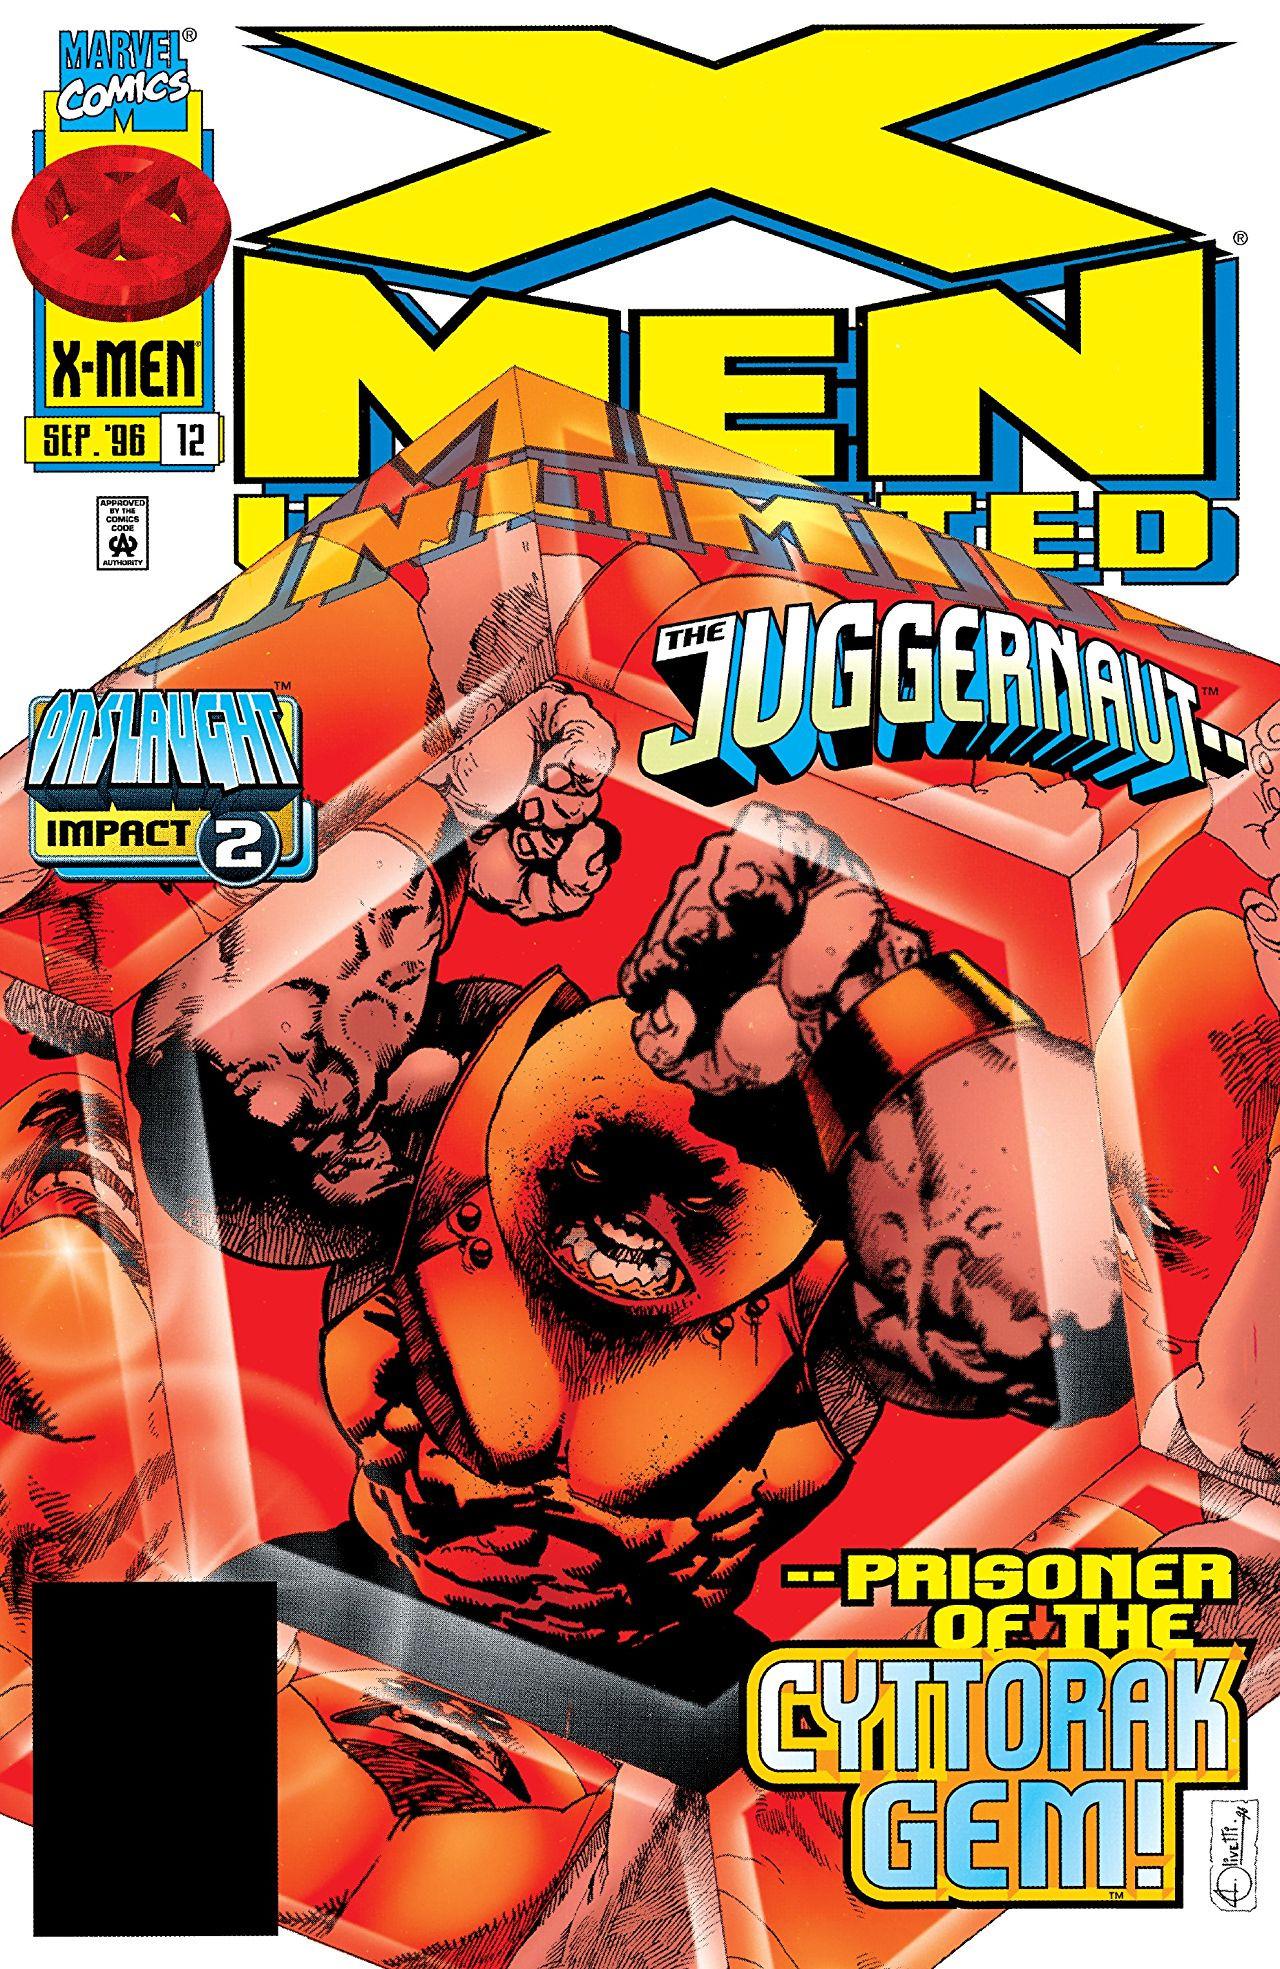 X-Men Unlimited Vol 1 12